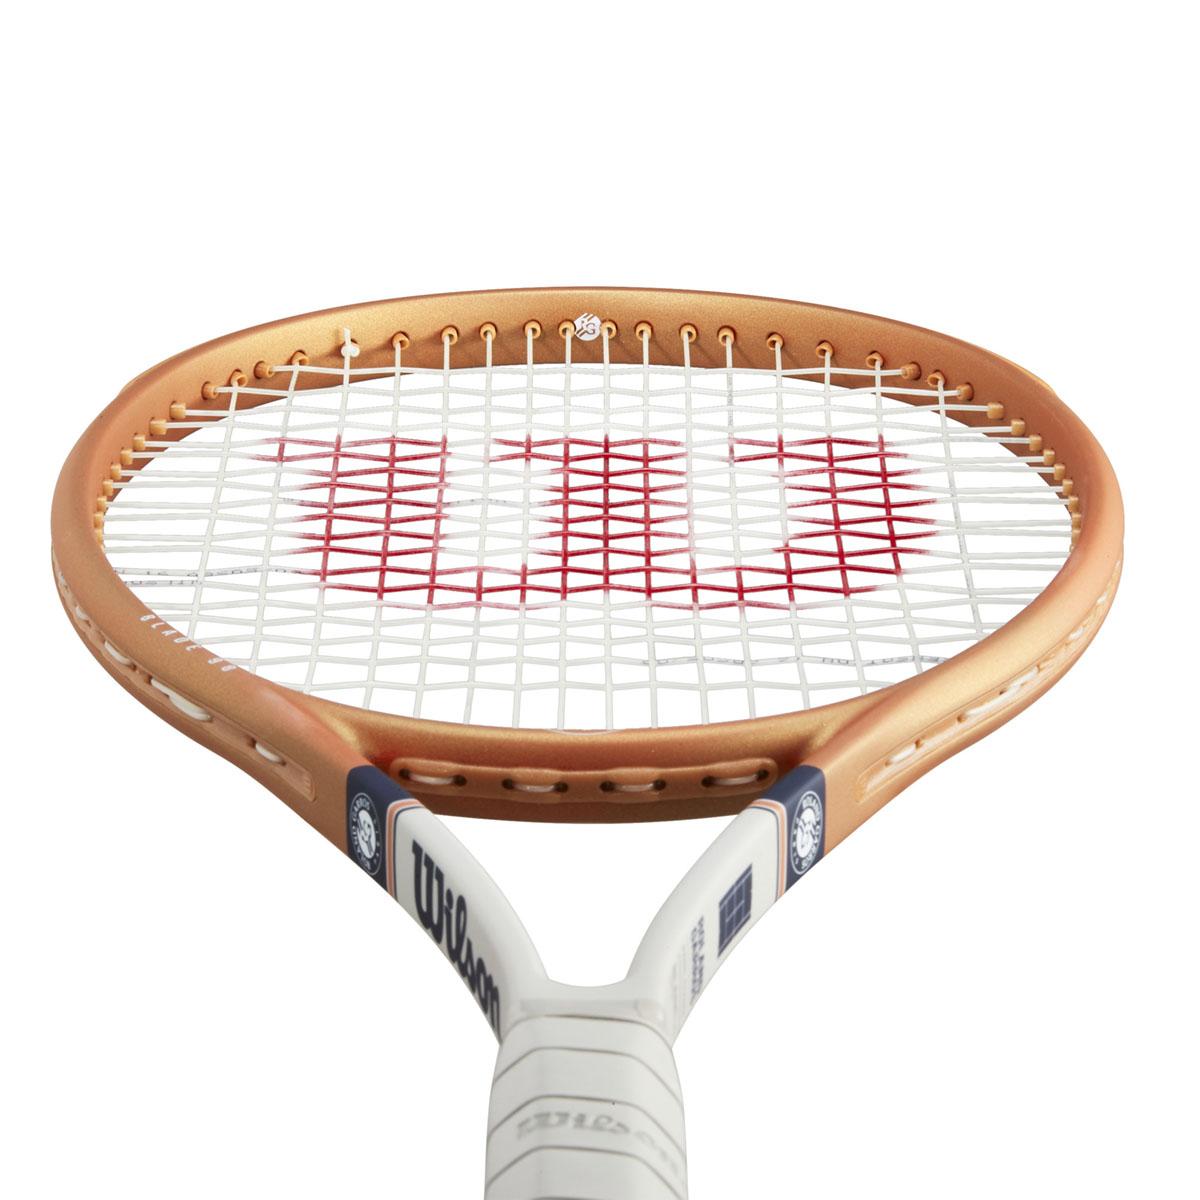 WR068611U_3_Blade_98_16x19_Roland_Garros_OR_BU_GY.png.cq5dam.web.2000.2000